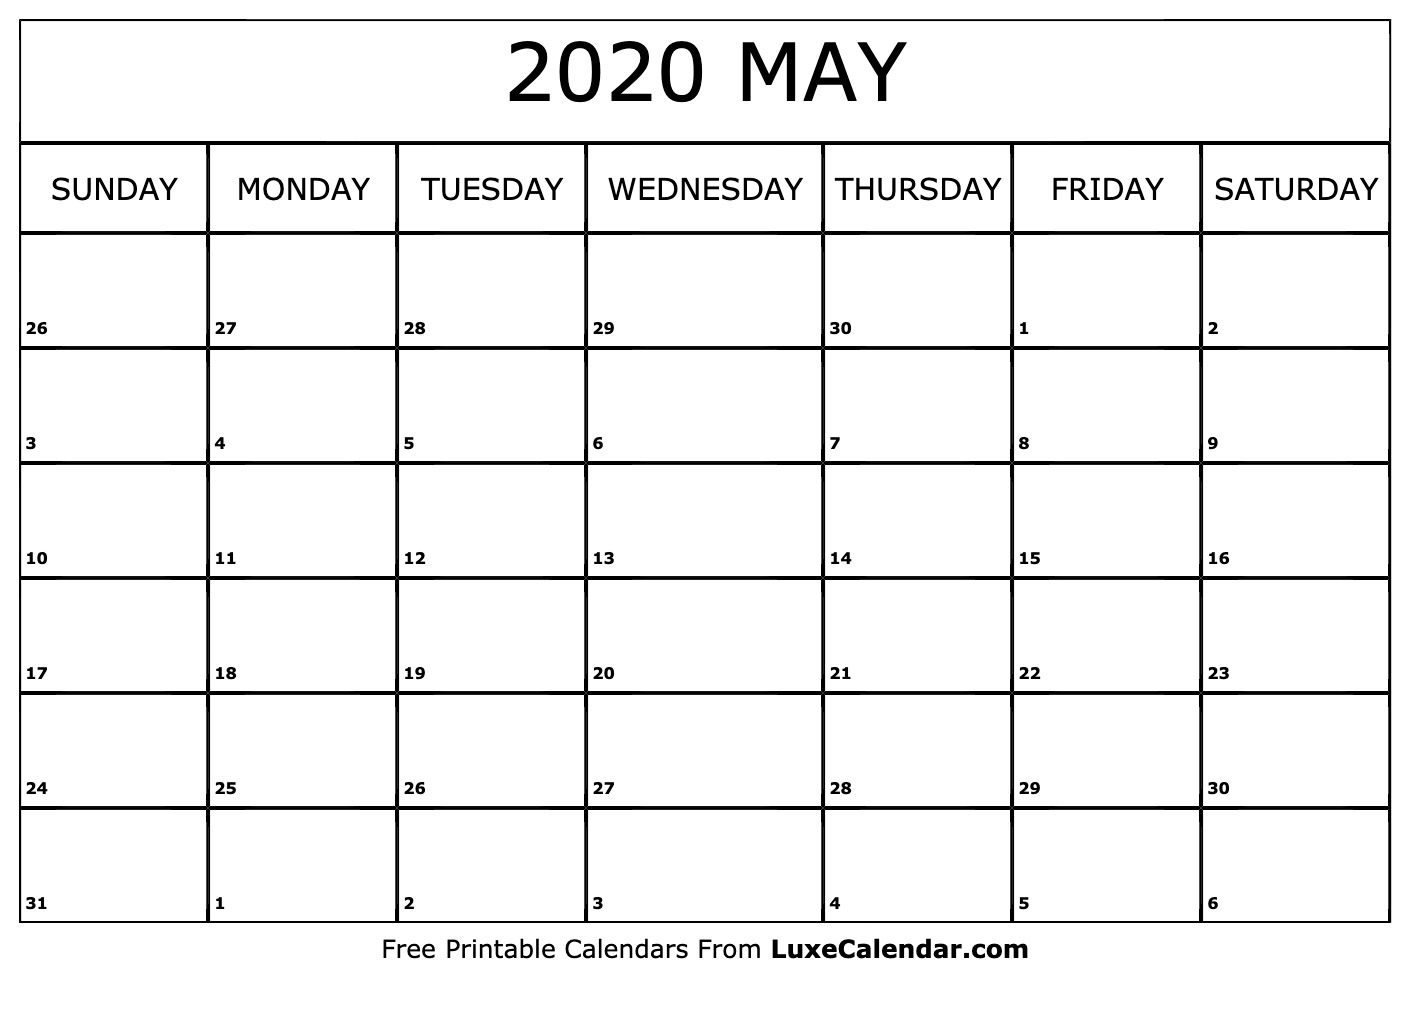 Blank May 2020 Calendar Printable - Luxe Calendar